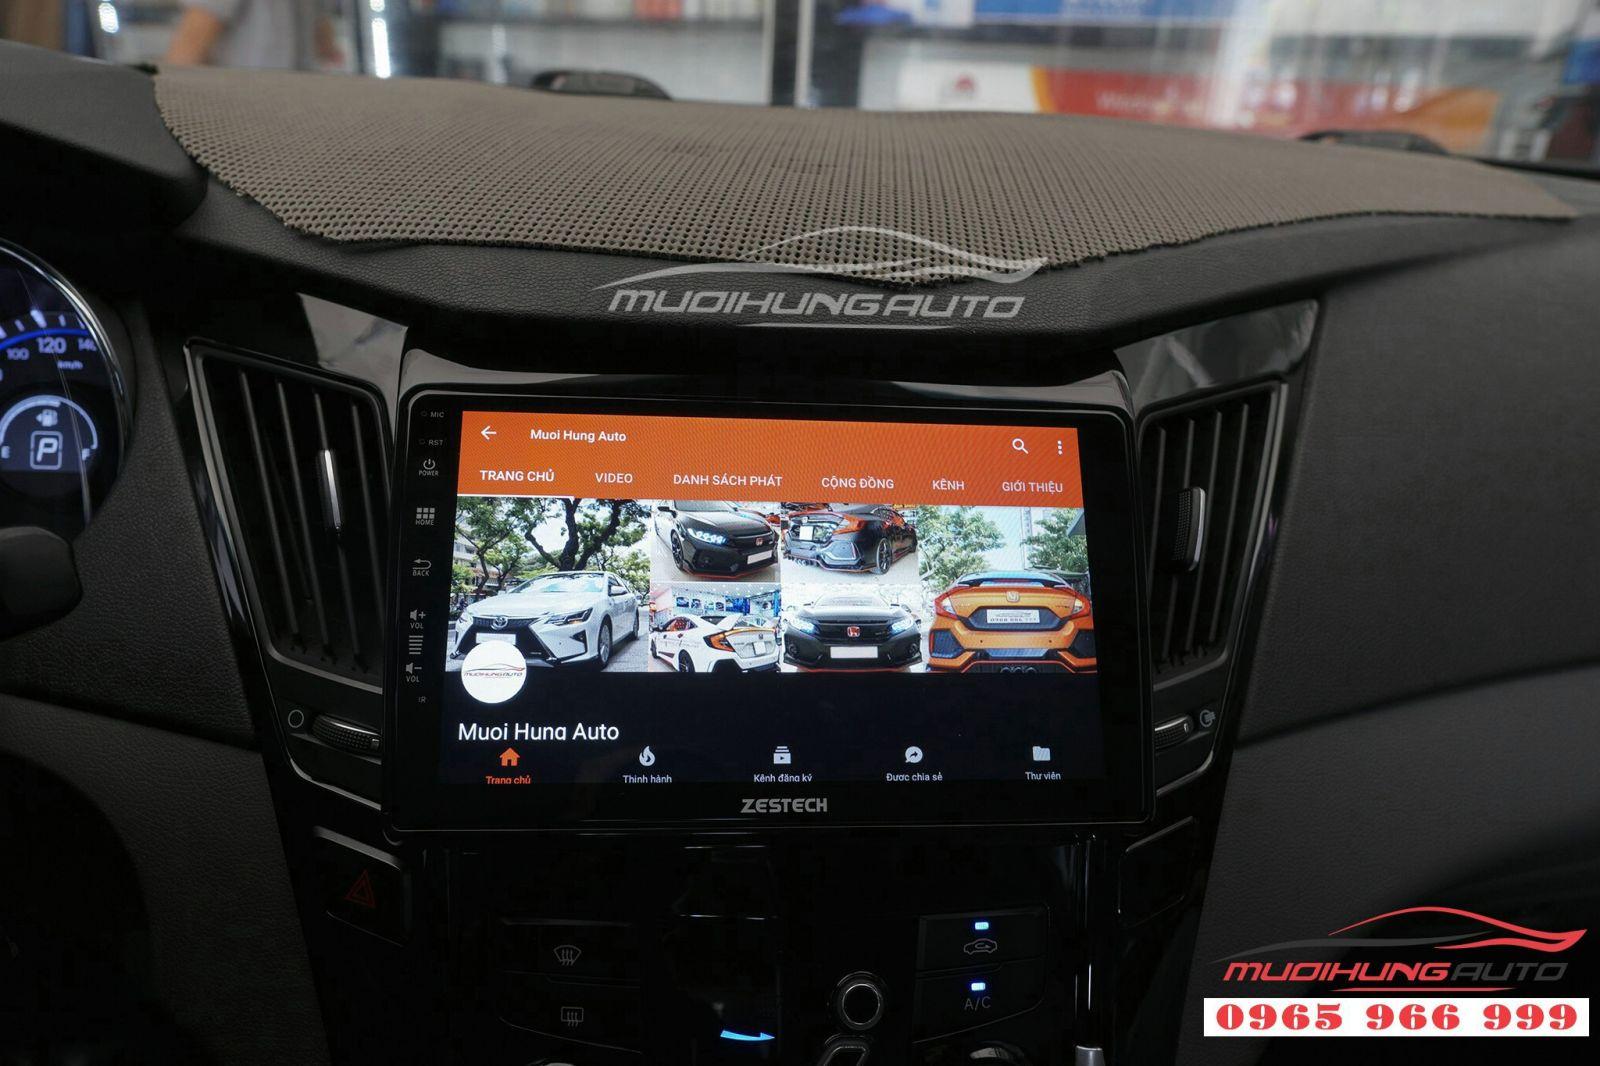 Lắp màn hình DVD Zestech cho Hyundai Sonata 05